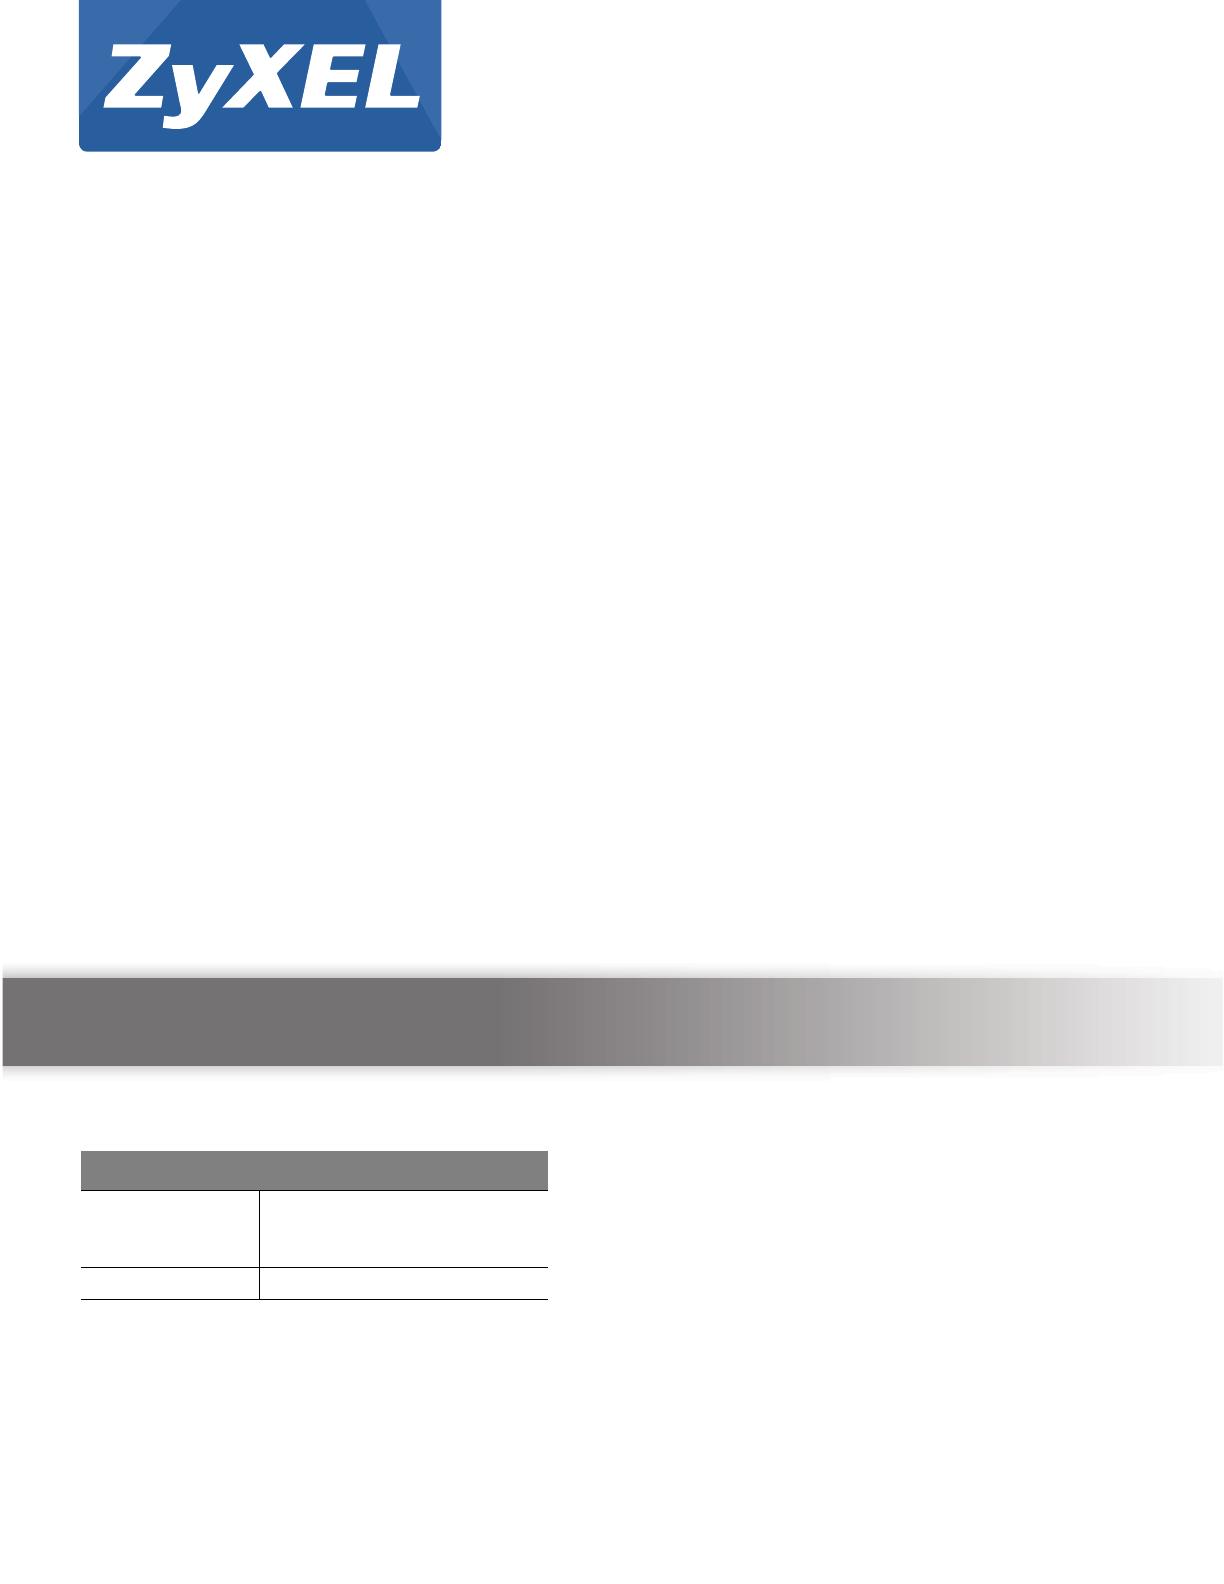 📖 Bedienungsanleitung ZyXEL WRE6505 v2 (132 Seiten)